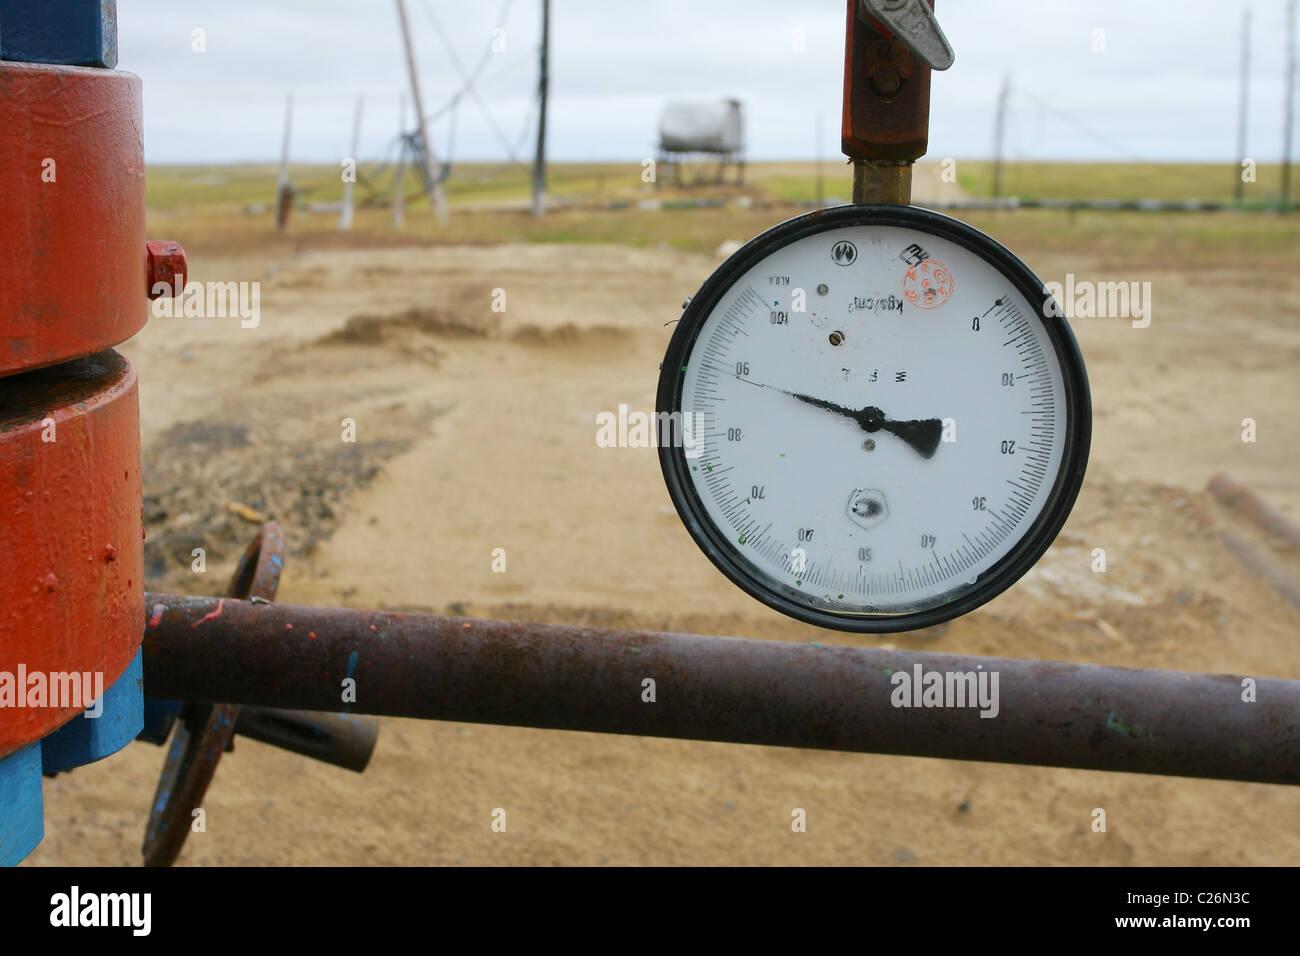 Manometer mit Arm in die fast Randposition; in der Nähe von Gehäuse-Kopf; neblig Glas. Jamal-Halbinsel, Stockbild